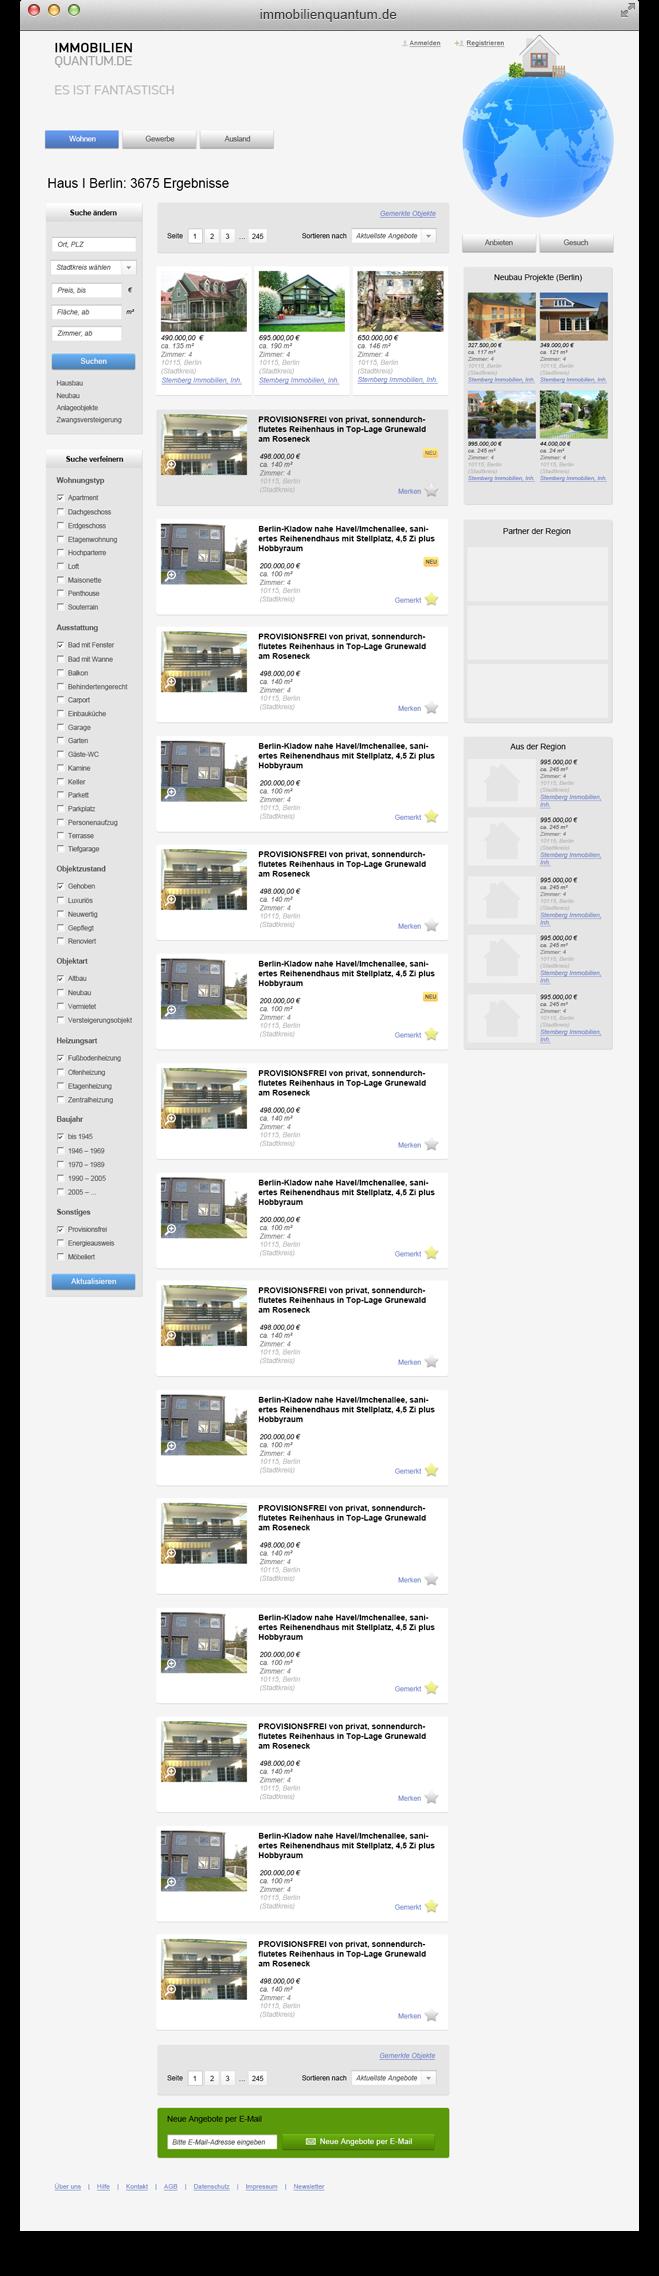 Immobilienquantum